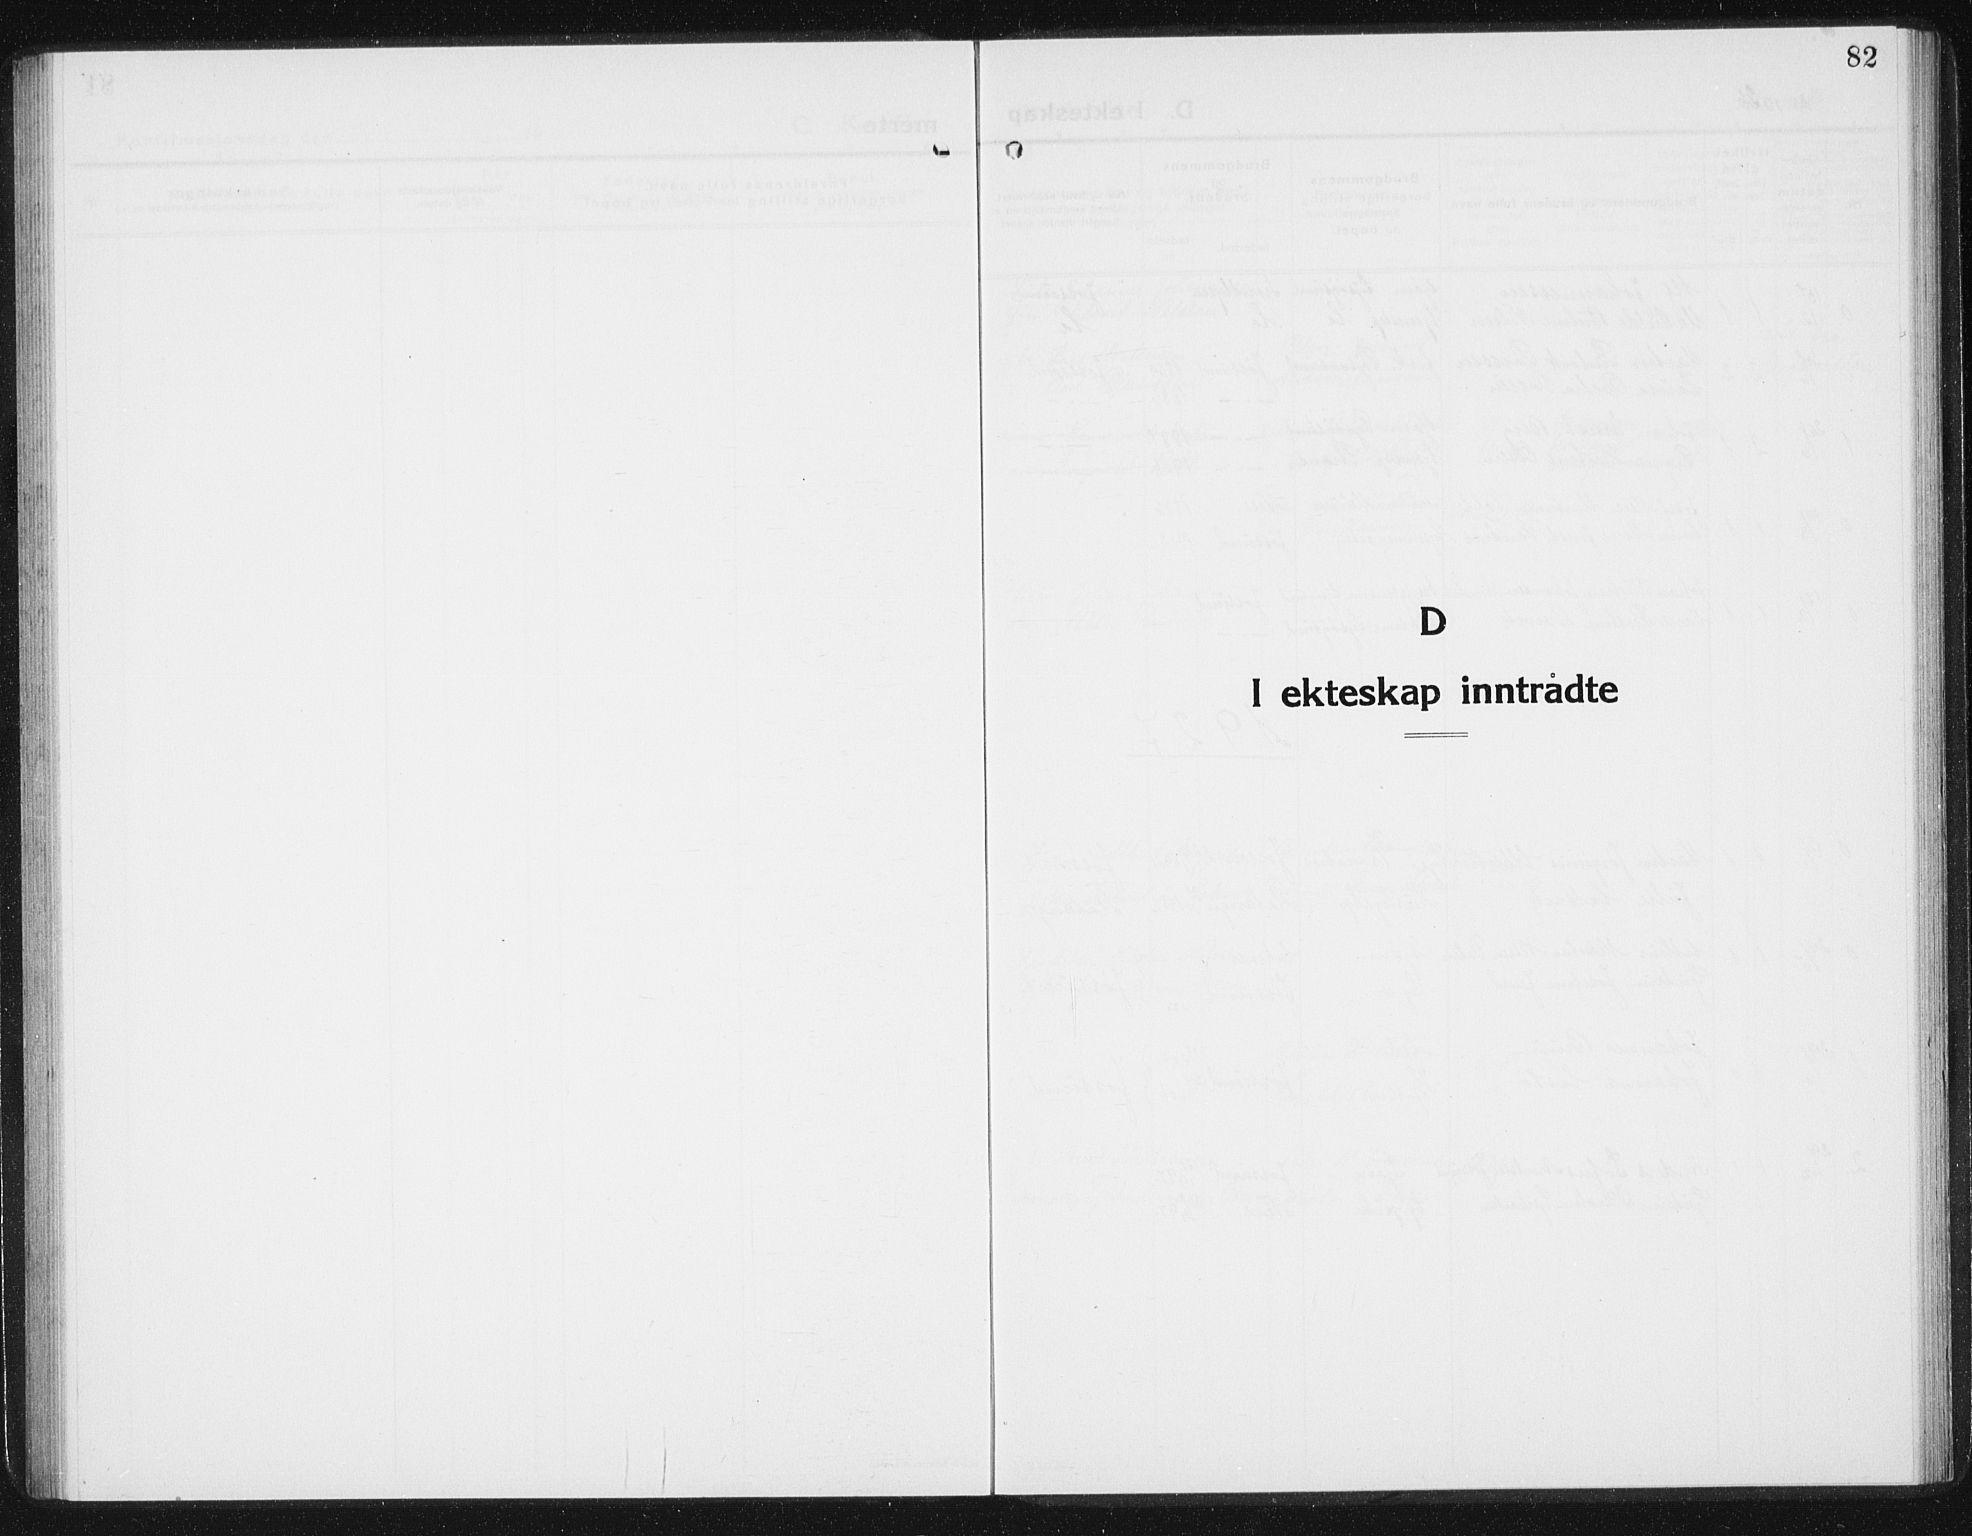 SAT, Ministerialprotokoller, klokkerbøker og fødselsregistre - Sør-Trøndelag, 654/L0667: Klokkerbok nr. 654C03, 1924-1939, s. 82